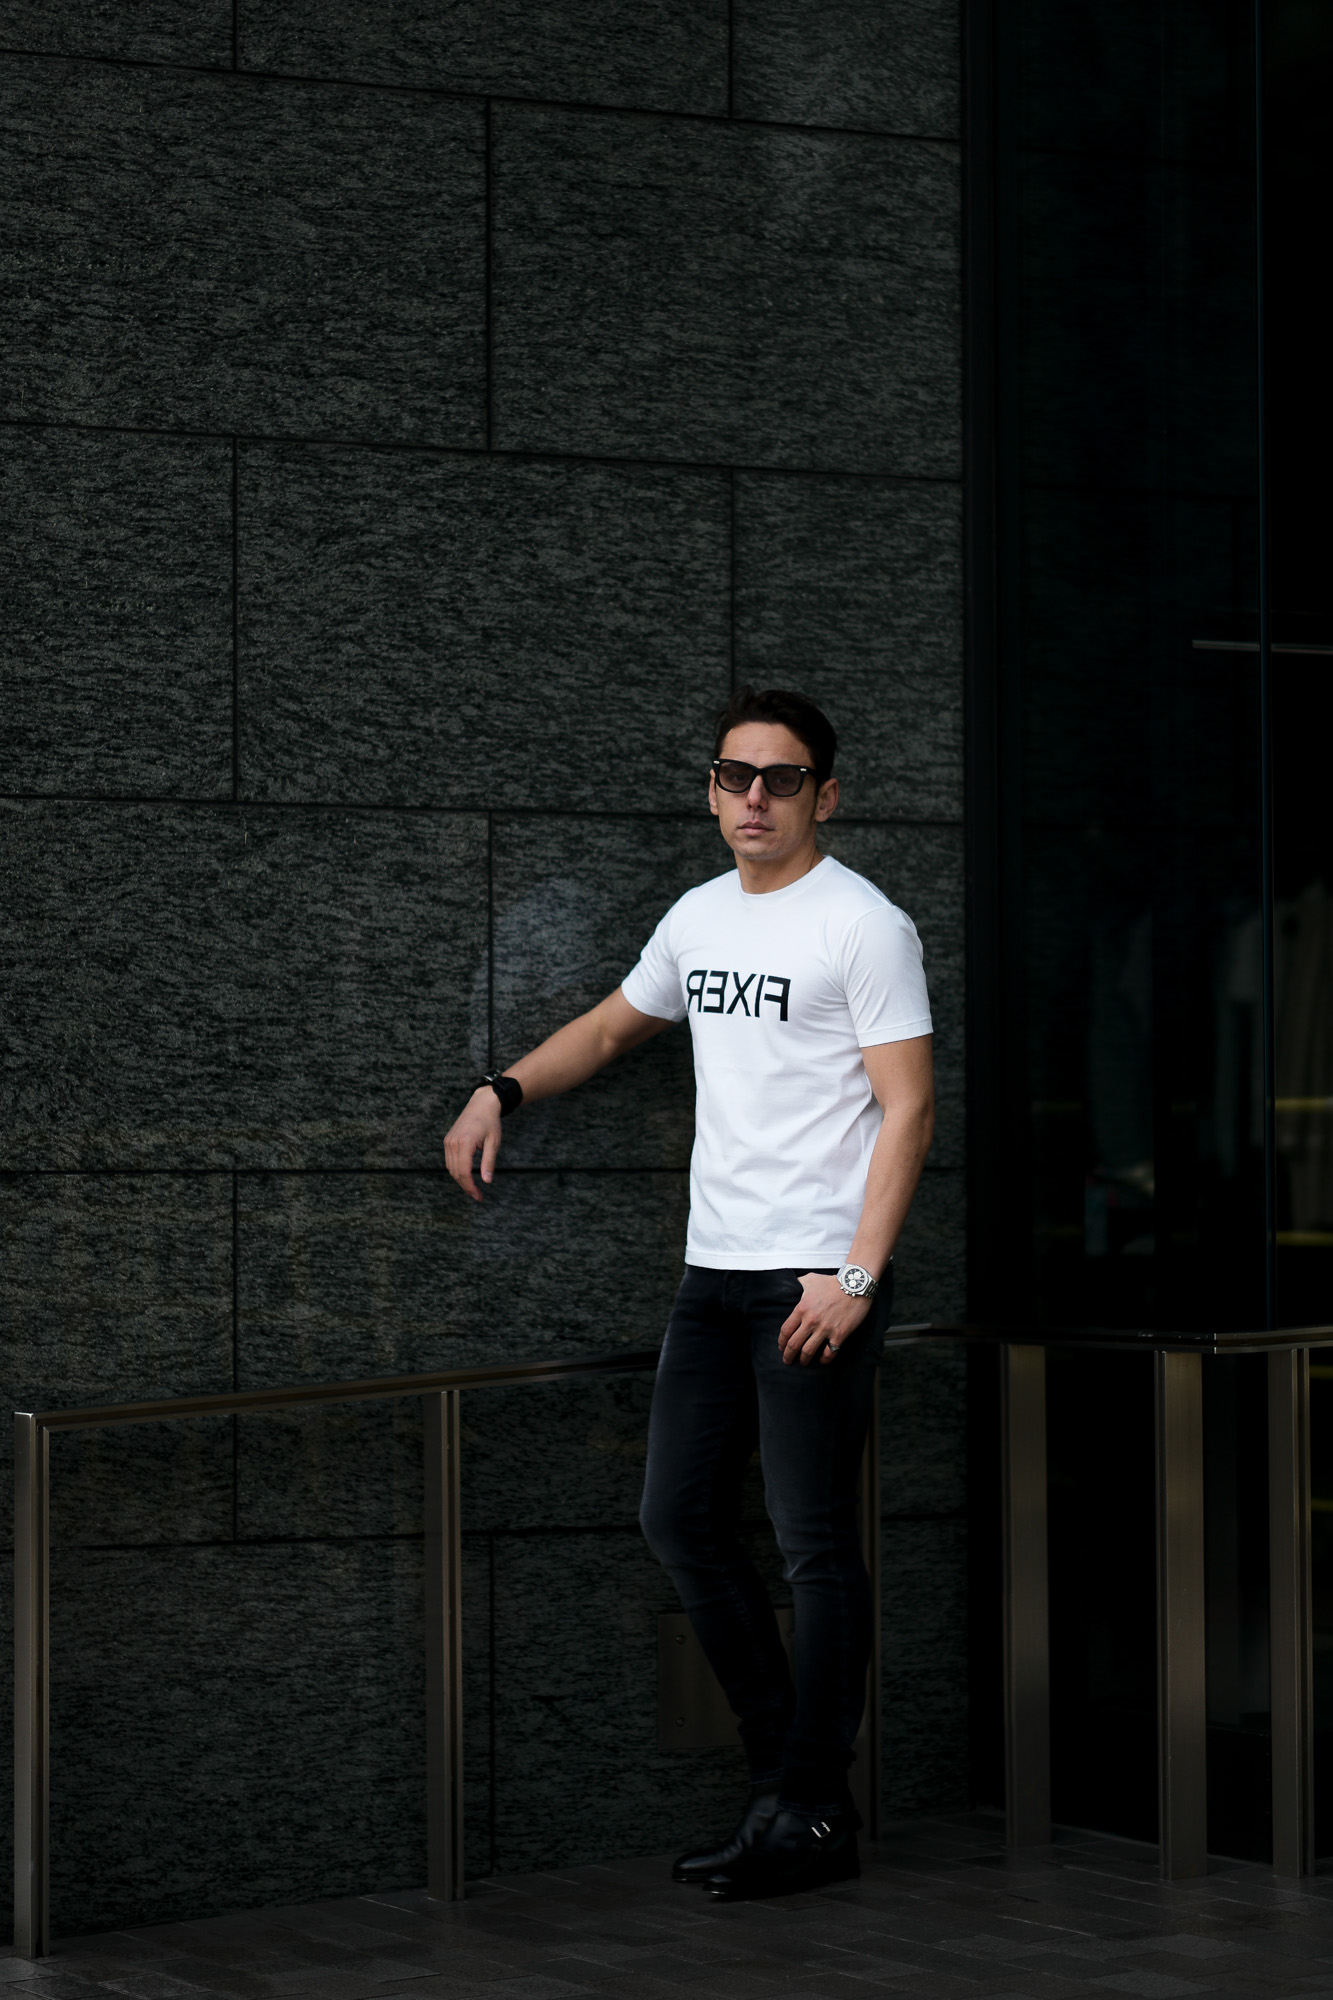 FIXER (フィクサー) FTS-03 Reverse Print Crew Neck T-shirt リバースプリント Tシャツ WHITE (ホワイト) 【ご予約開始】【2021.7.19(Mon)~2021.8.08(Sun)】 愛知 名古屋 Alto e Diritto altoediritto アルトエデリット Tシャツ